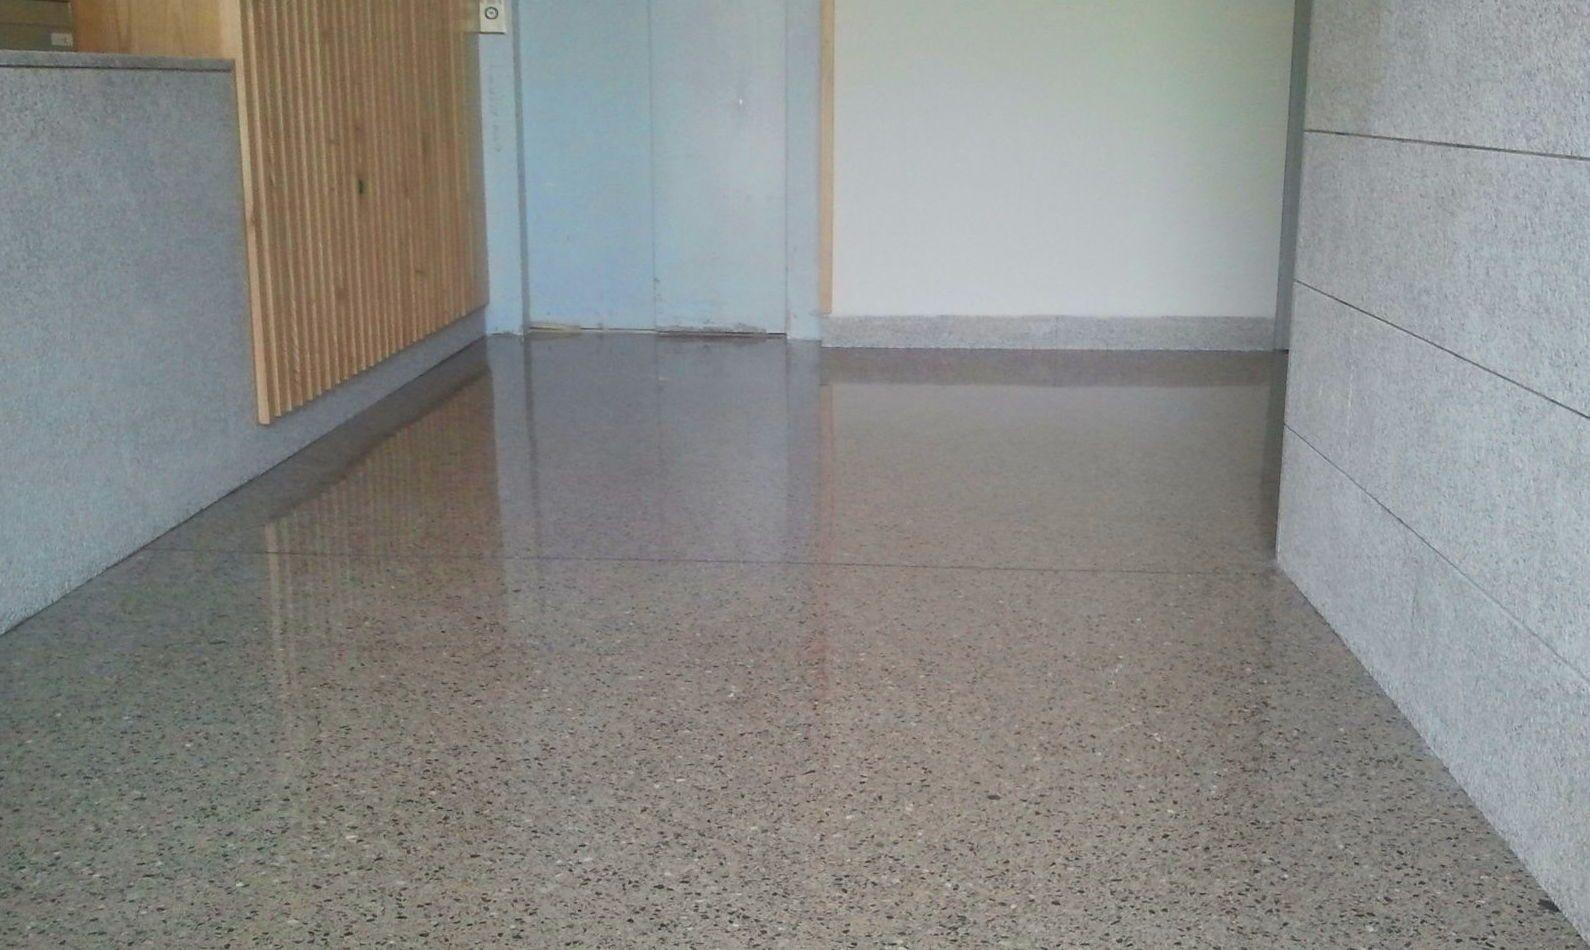 Pulido de suelos en asturias pulidos rub - Pulir el suelo ...